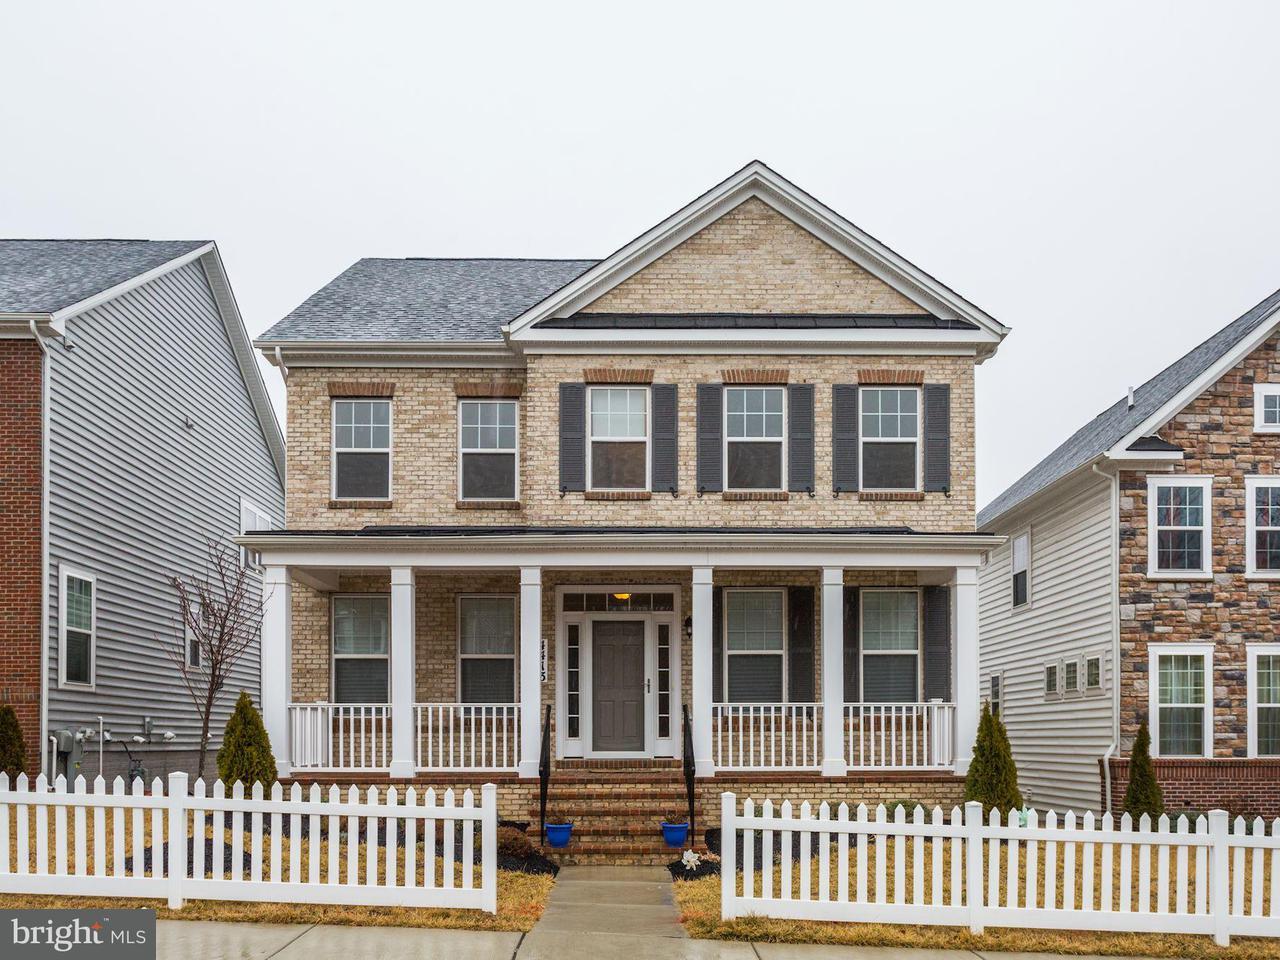 Μονοκατοικία για την Πώληση στο 4413 Camley Way 4413 Camley Way Burtonsville, Μεριλαντ 20866 Ηνωμενεσ Πολιτειεσ